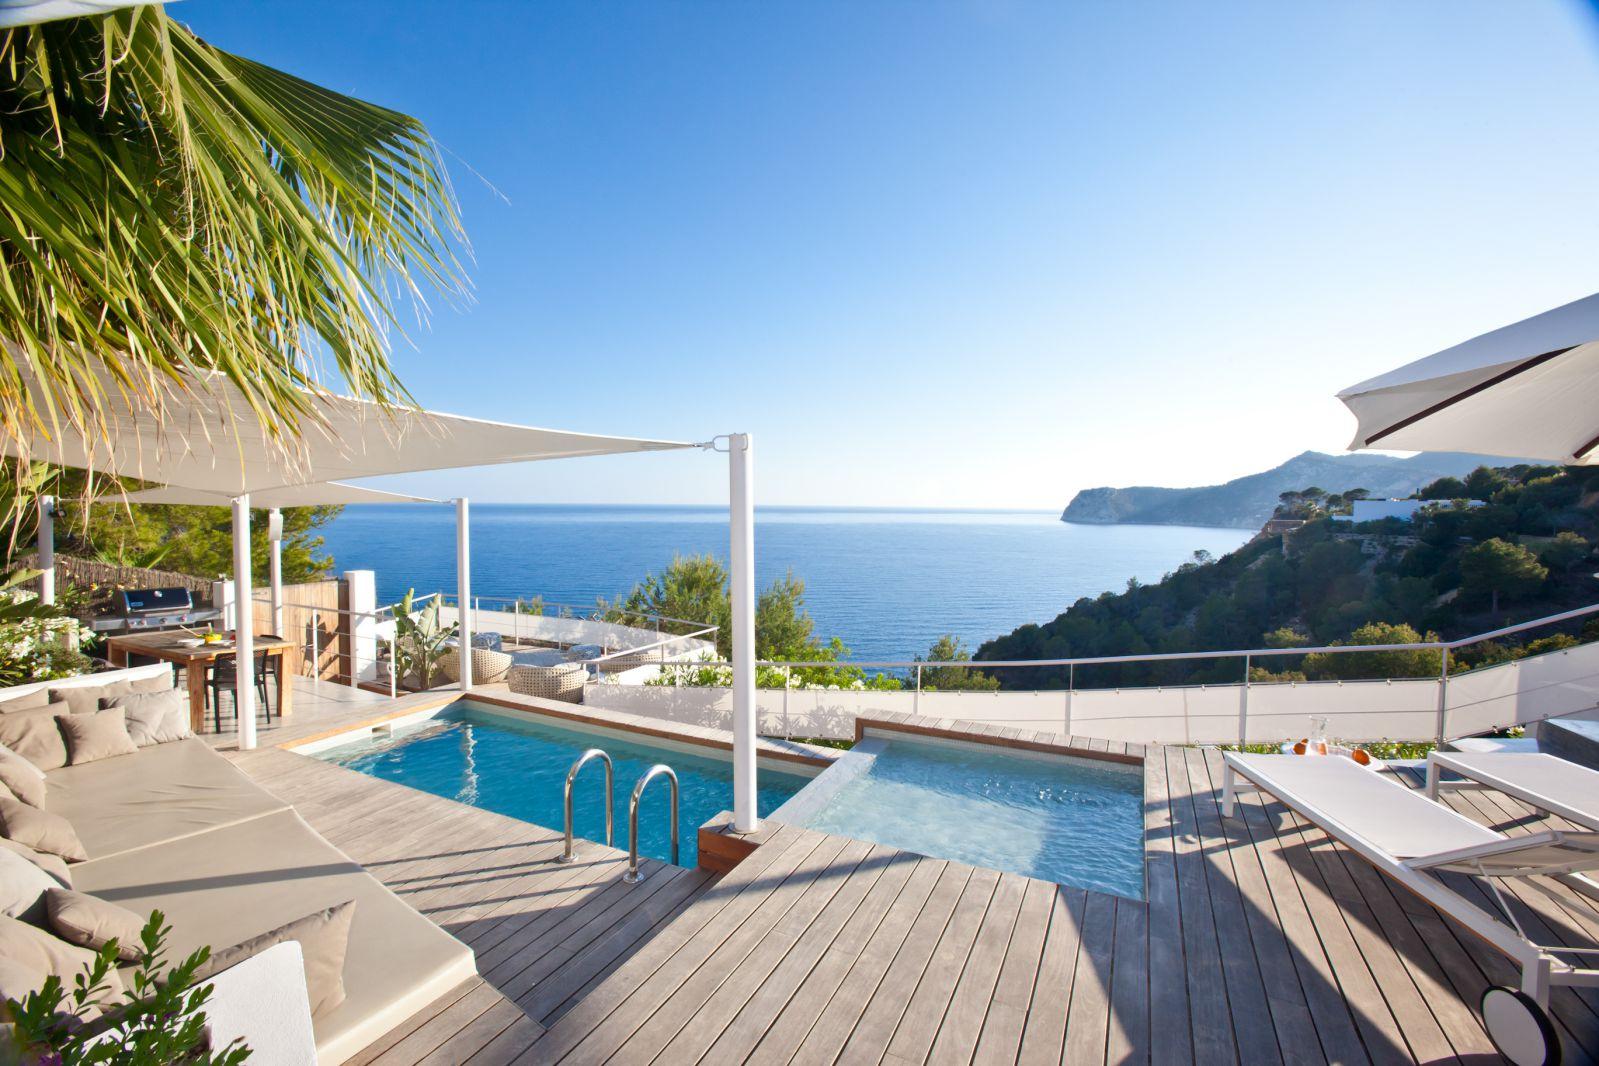 villa-es-cubells-ibiza-balearic-spain-luxury-pool-views-yelda-poo-2.jpg